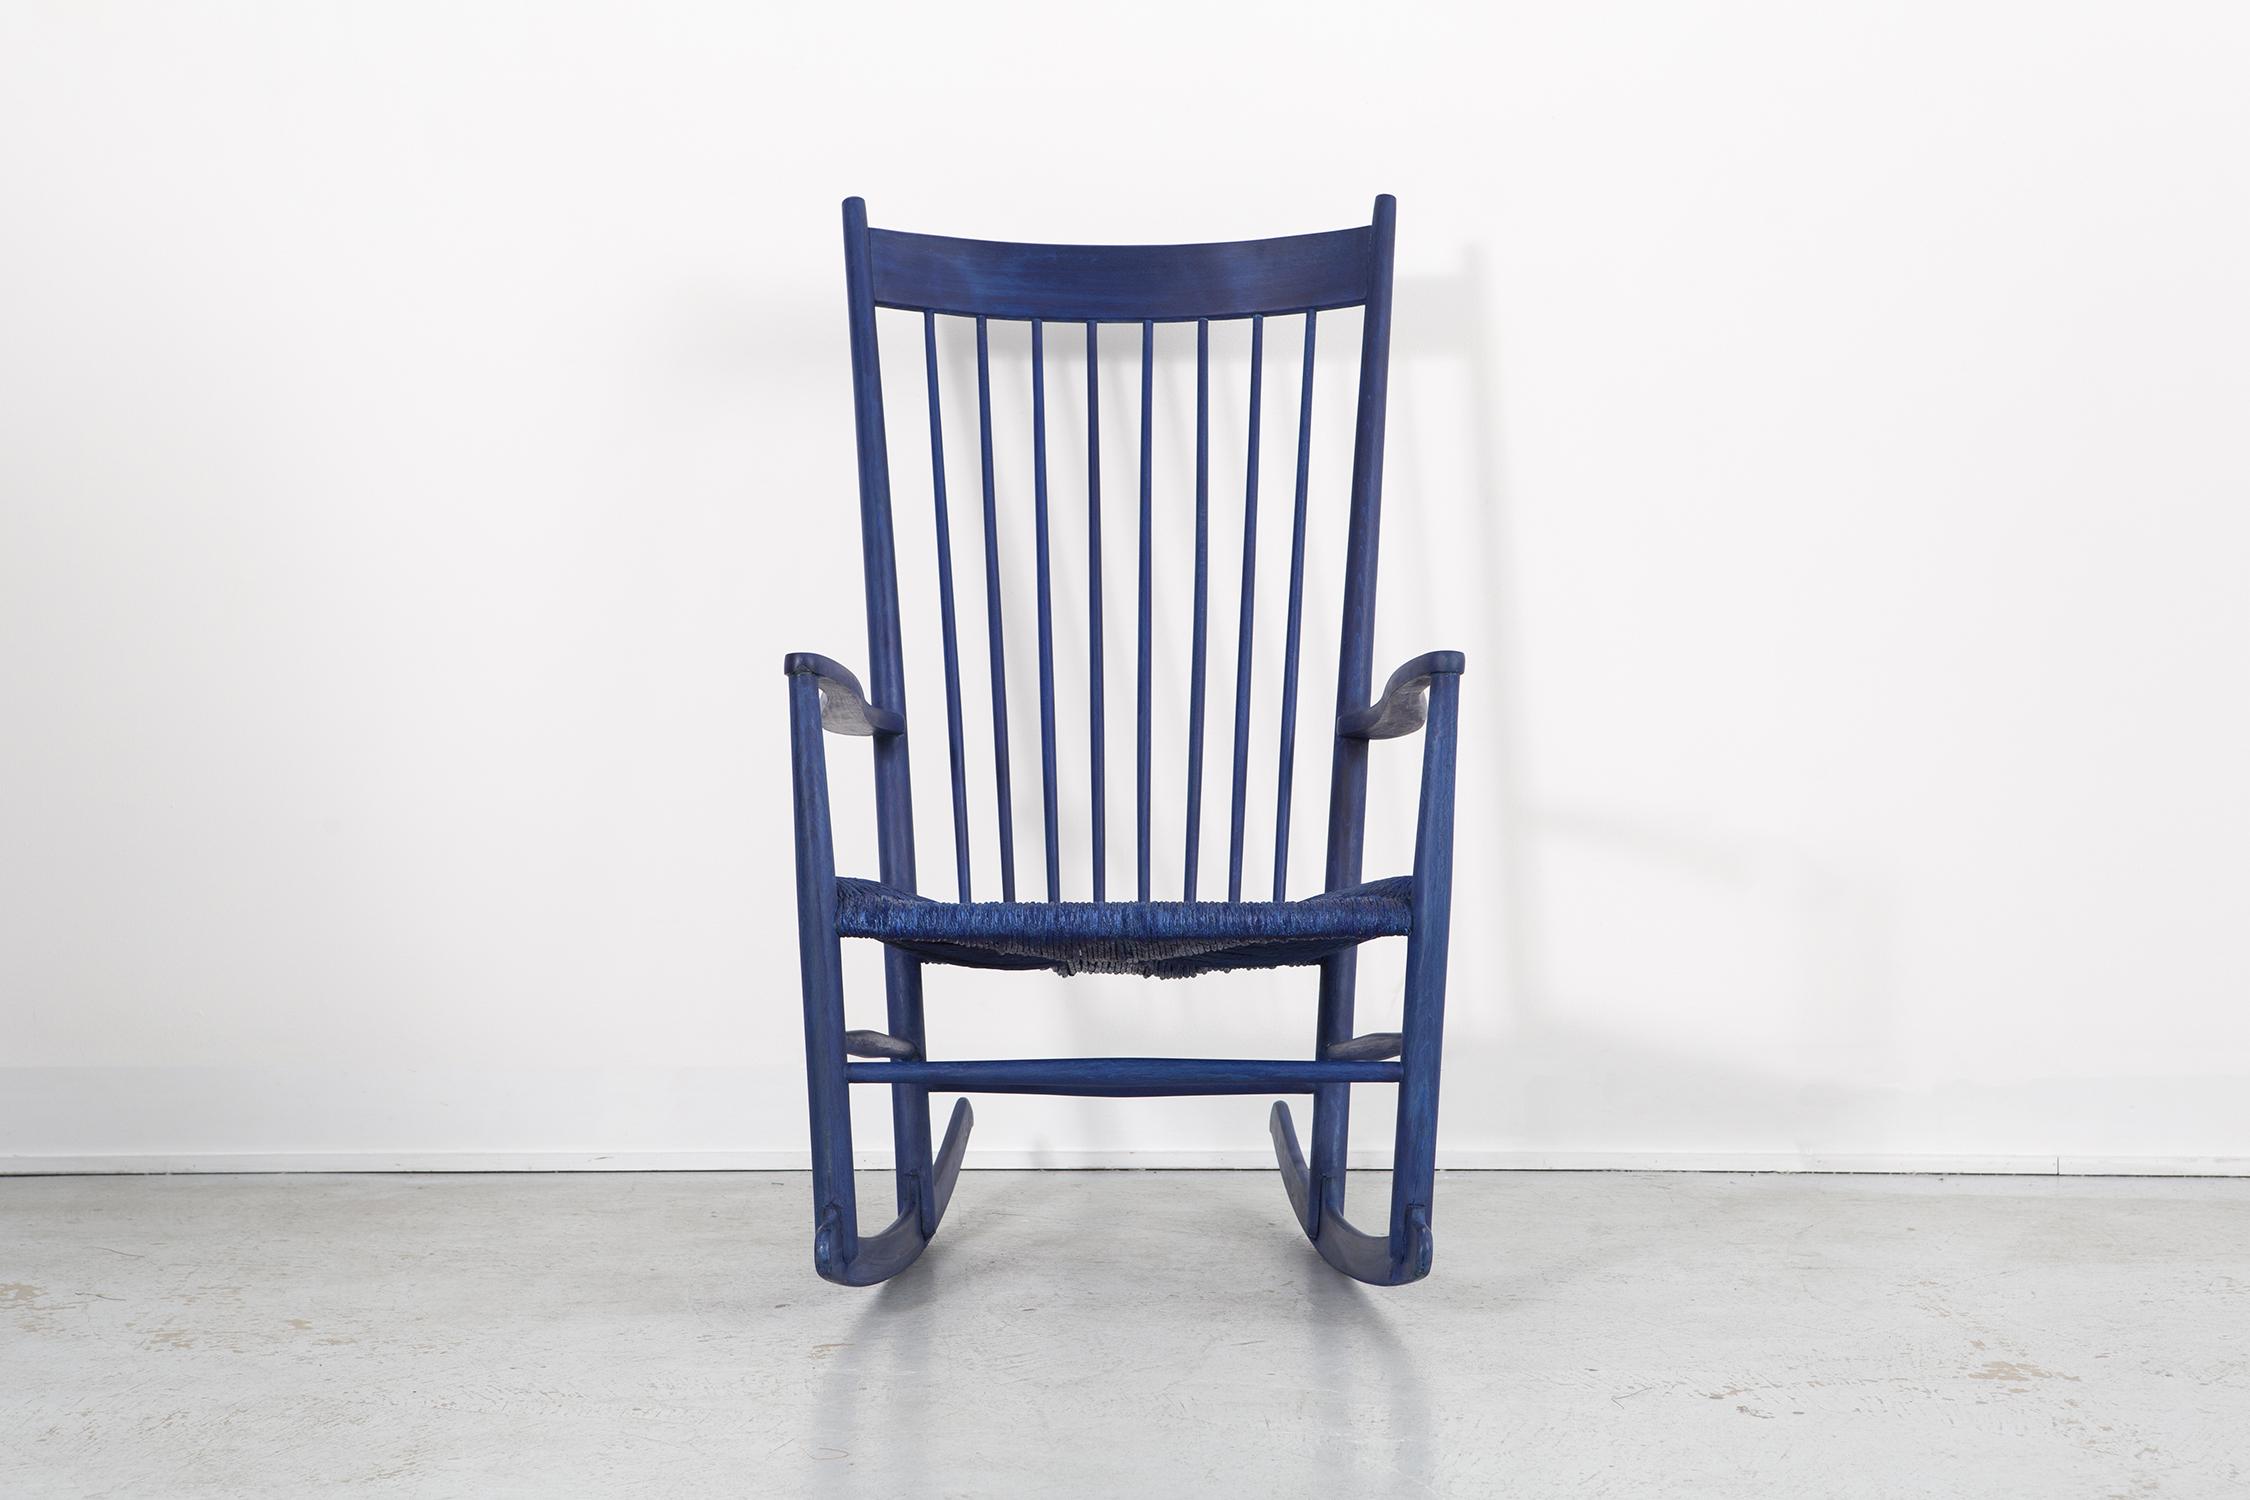 HANS WEGNER ROYAL BLUE ROCKER